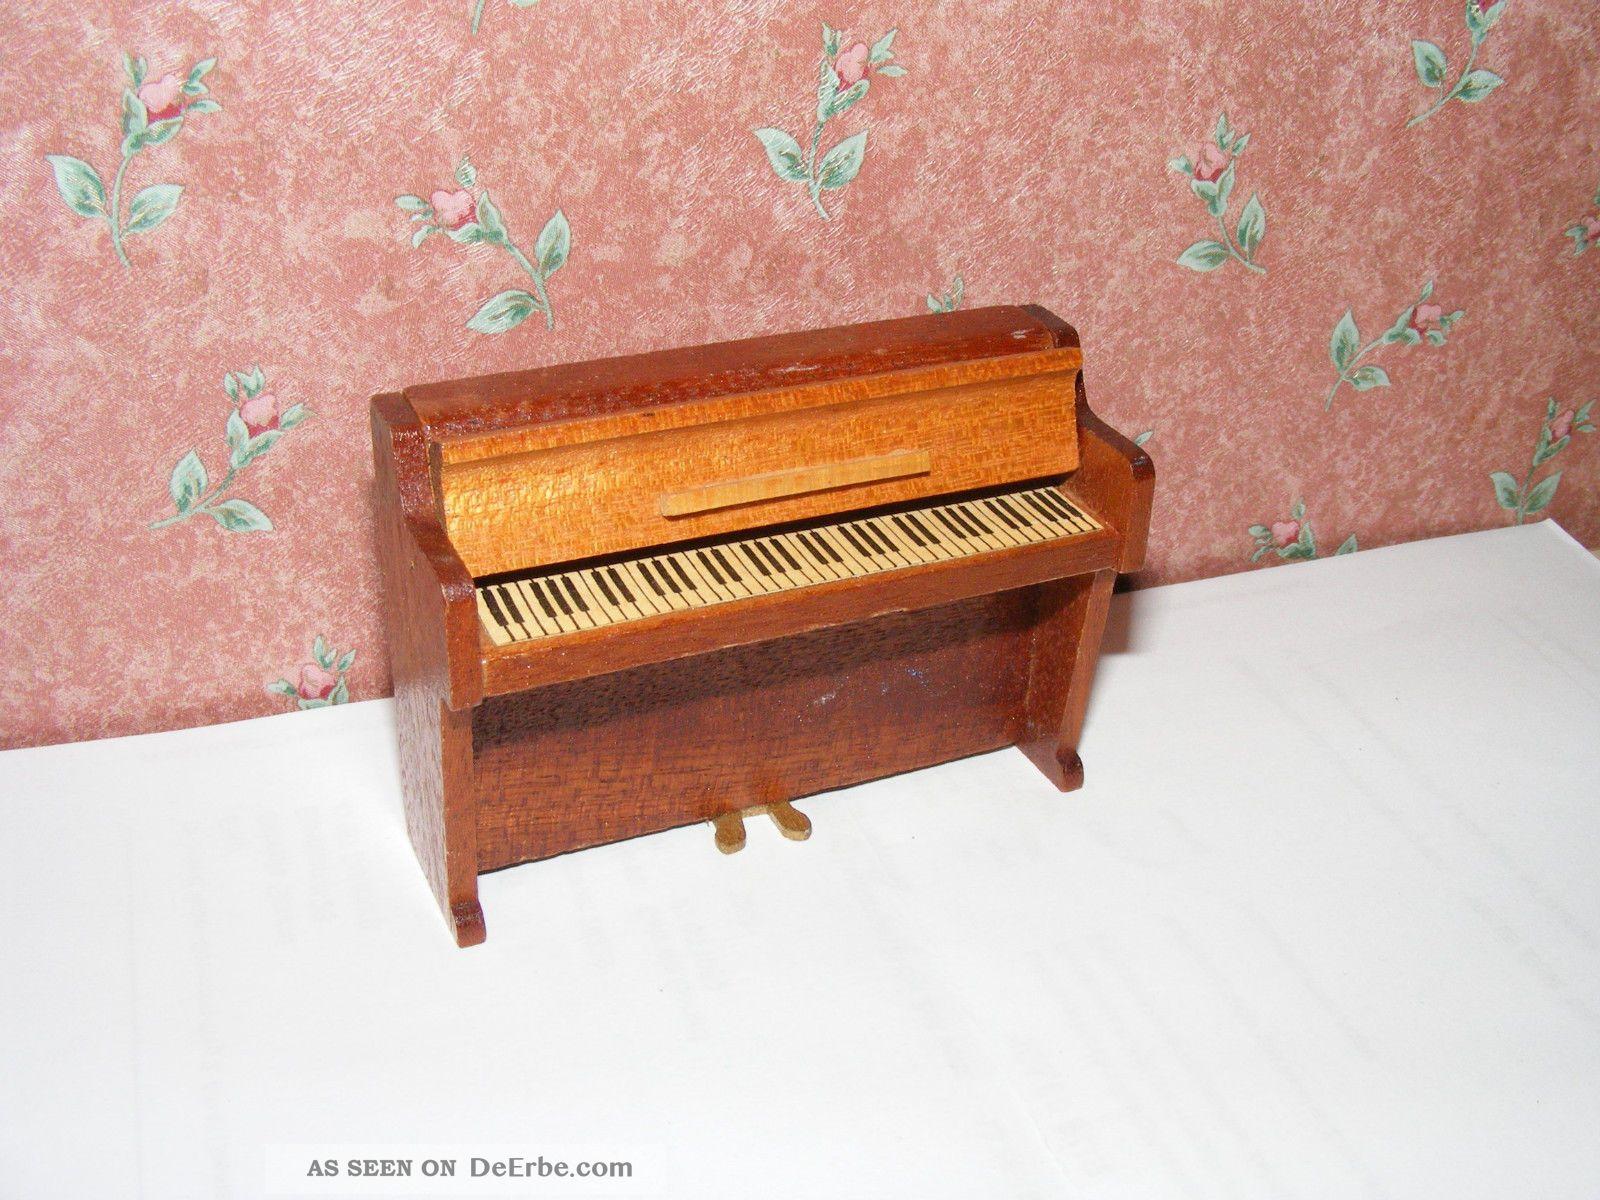 Altes Piano - Klavier - 60/70er Jahre - Lundby - Lisa - Puppenhaus - Puppenstube - 1:18 Original, gefertigt vor 1970 Bild